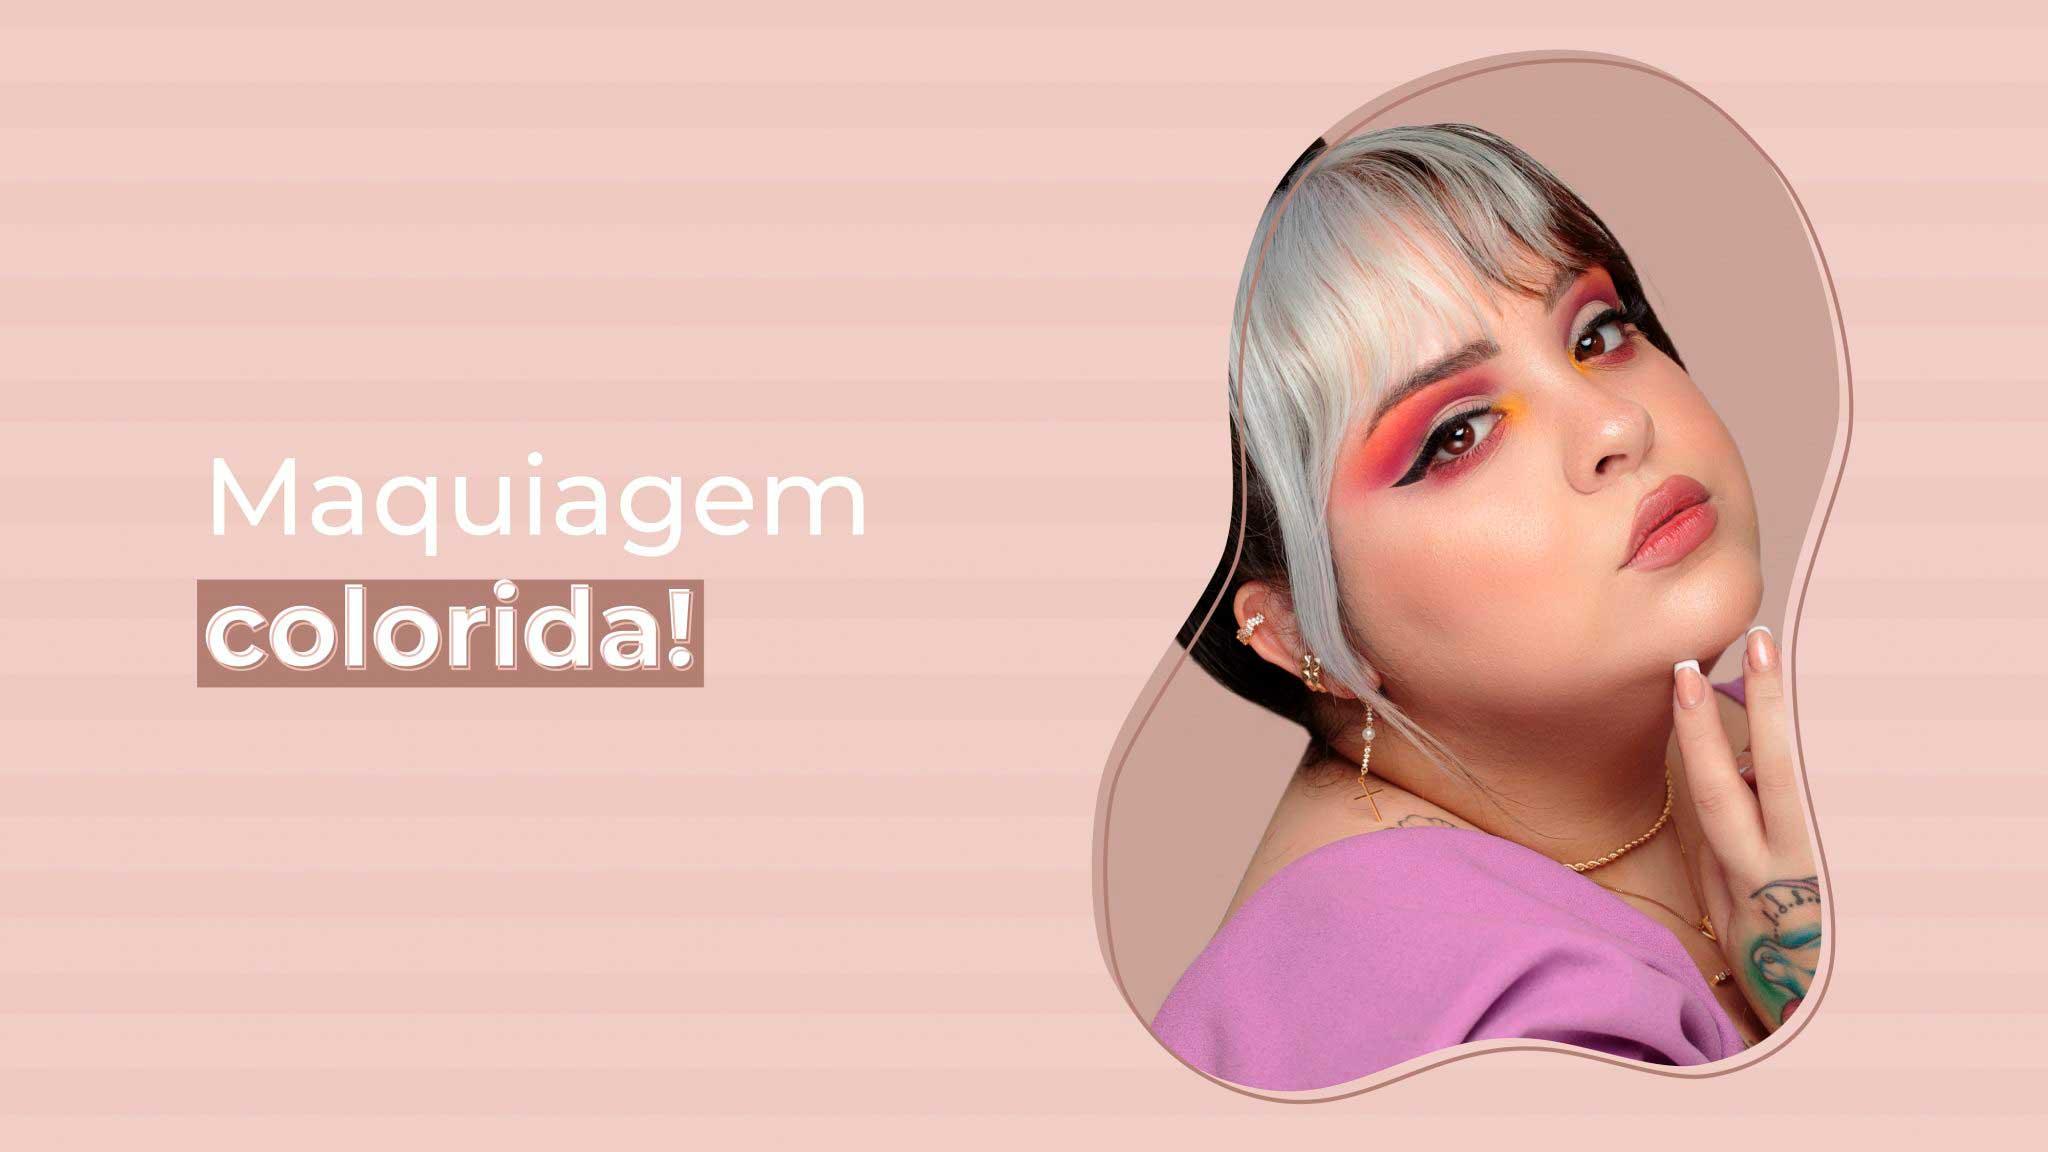 Maquiagem colorida: guia rápido de como combinar cores na maquiagem